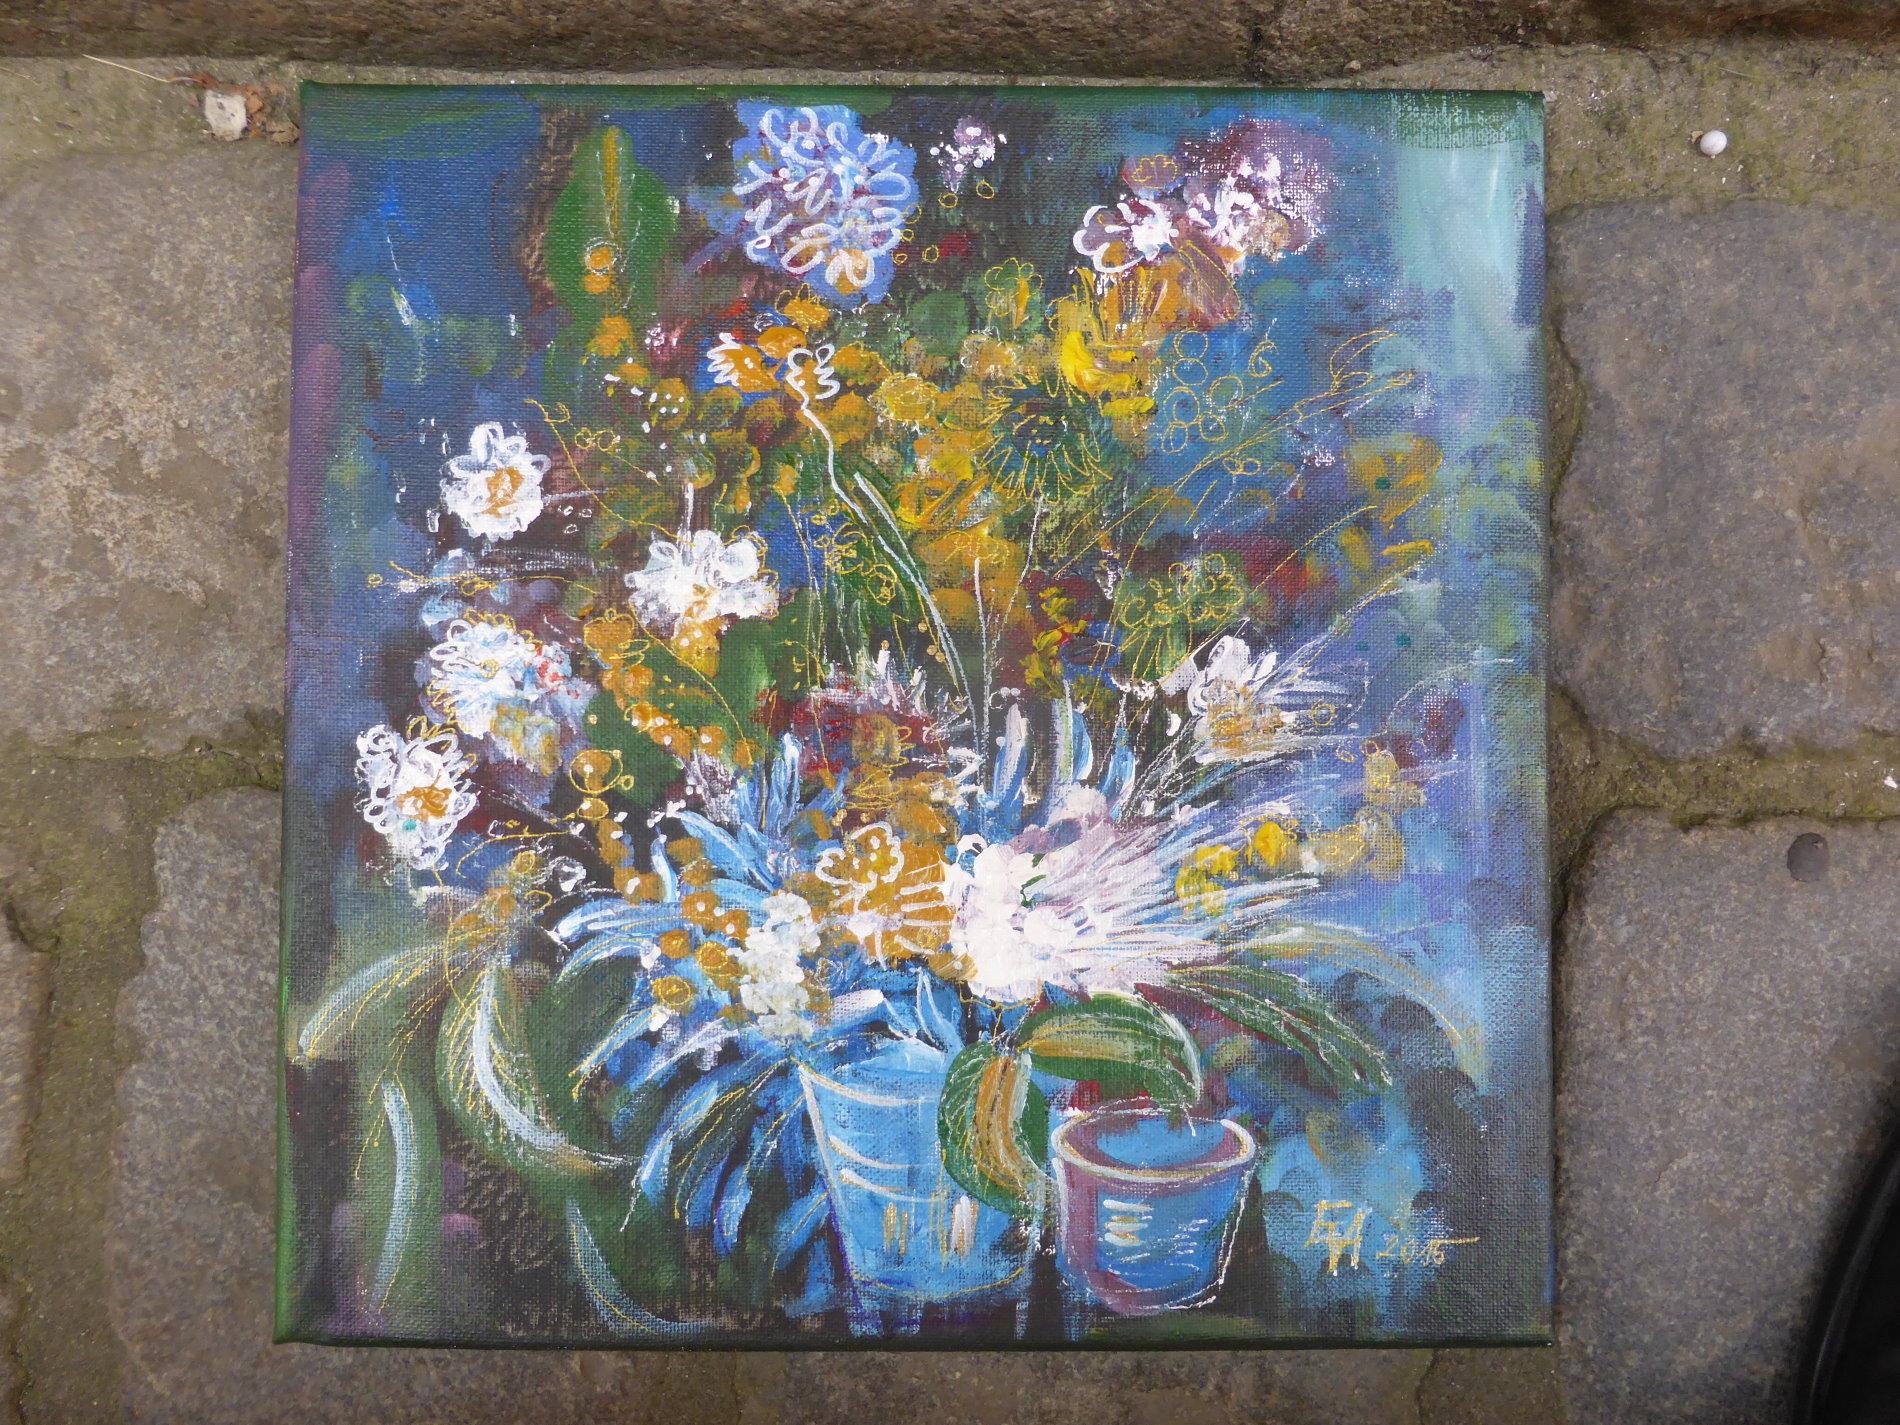 Blumen im Eimer, Öl auf Leinwand